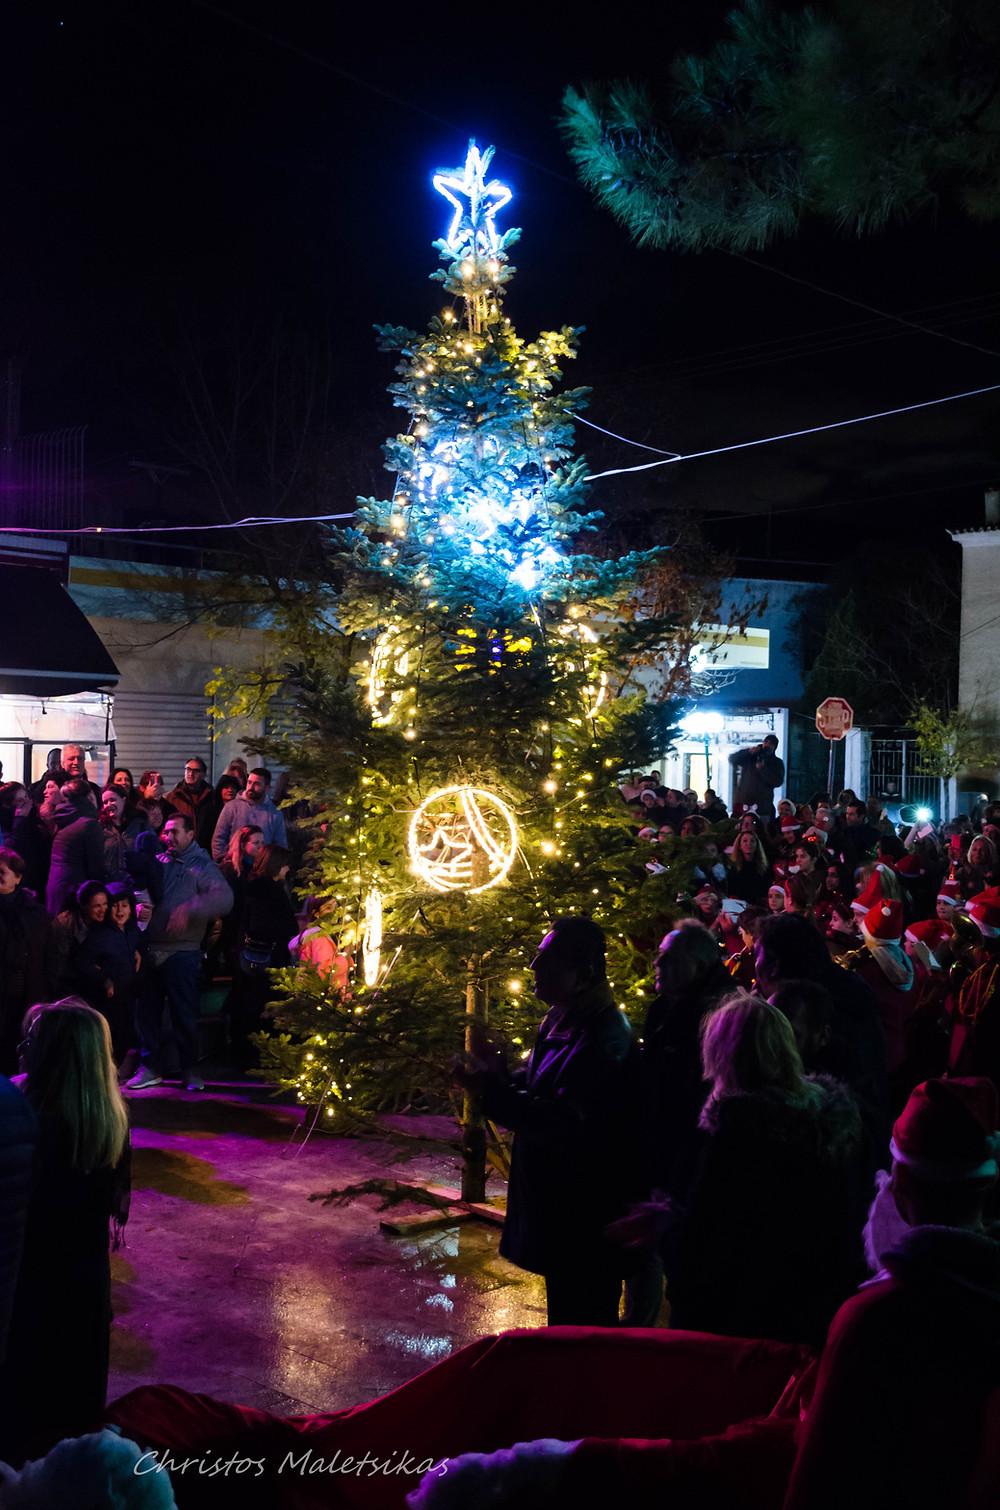 Το Χριστουγεννιάτικο Δέντρο στη πλατεία Μαραθώνα | Φωτογράφος: Χρήστος Μαλέτσικας